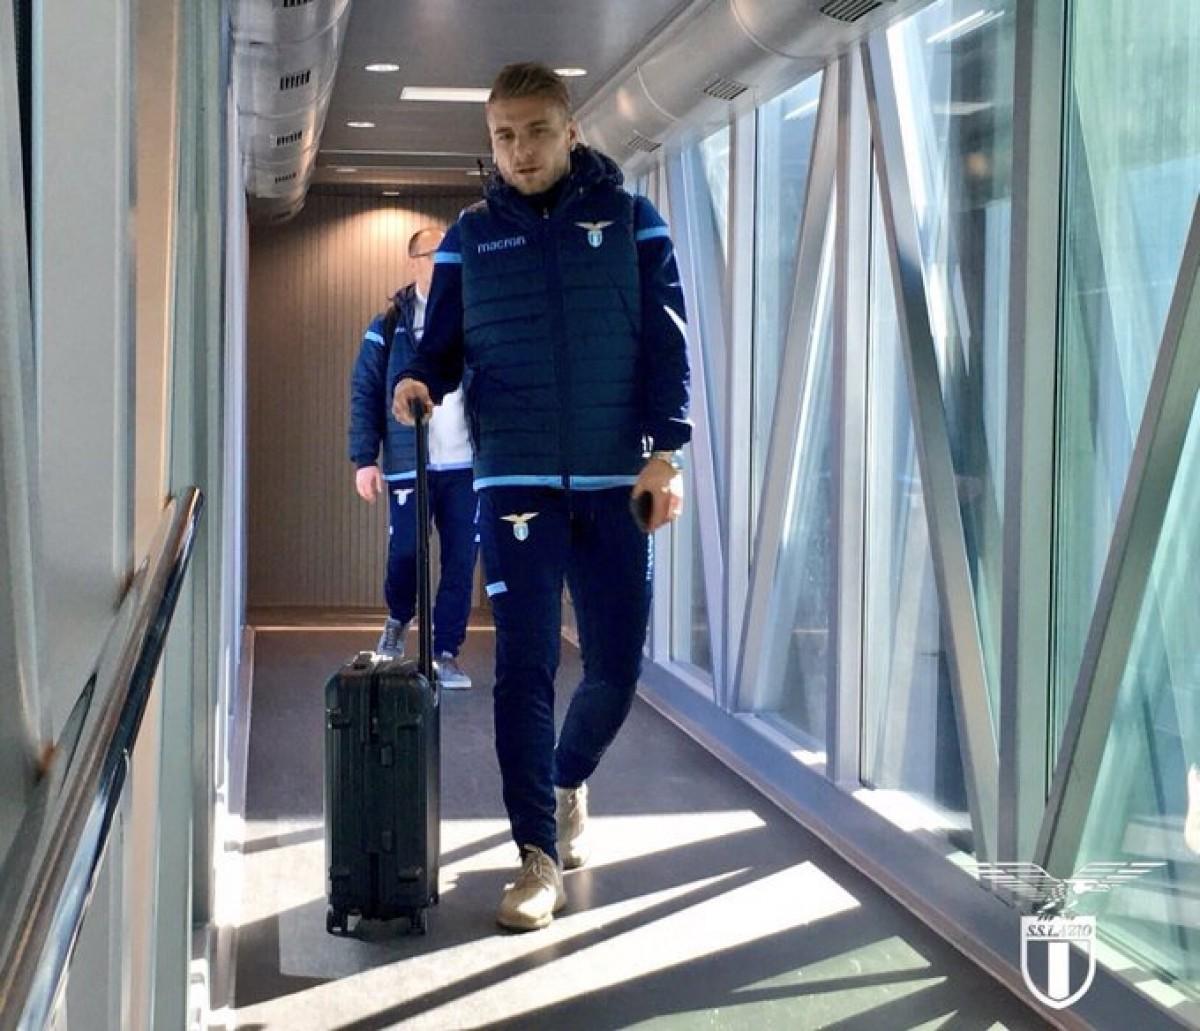 """Dinamo Kiev, Chackevic avverte: """"Attenzione a Immobile e Felipe Anderson nella Lazio"""""""